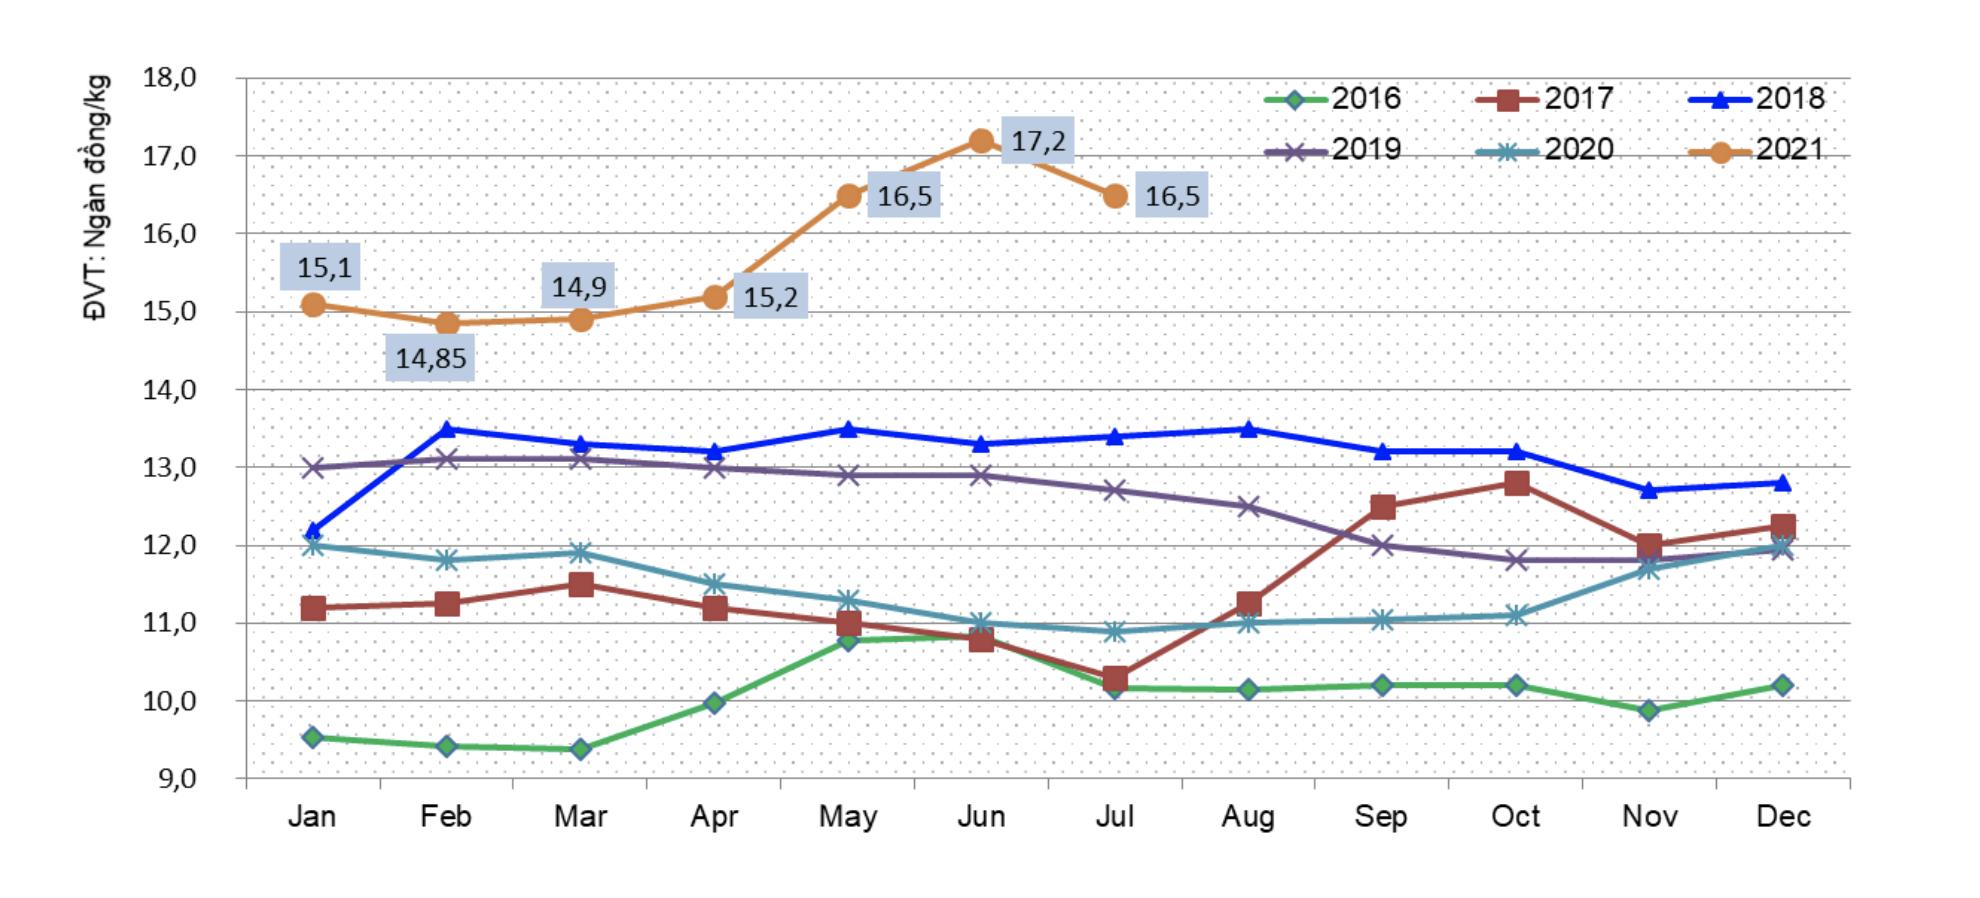 Thị phần thép xây dựng của Hòa Phát tiếp đà tăng nhờ bán hàng phục hồi - Ảnh 2.